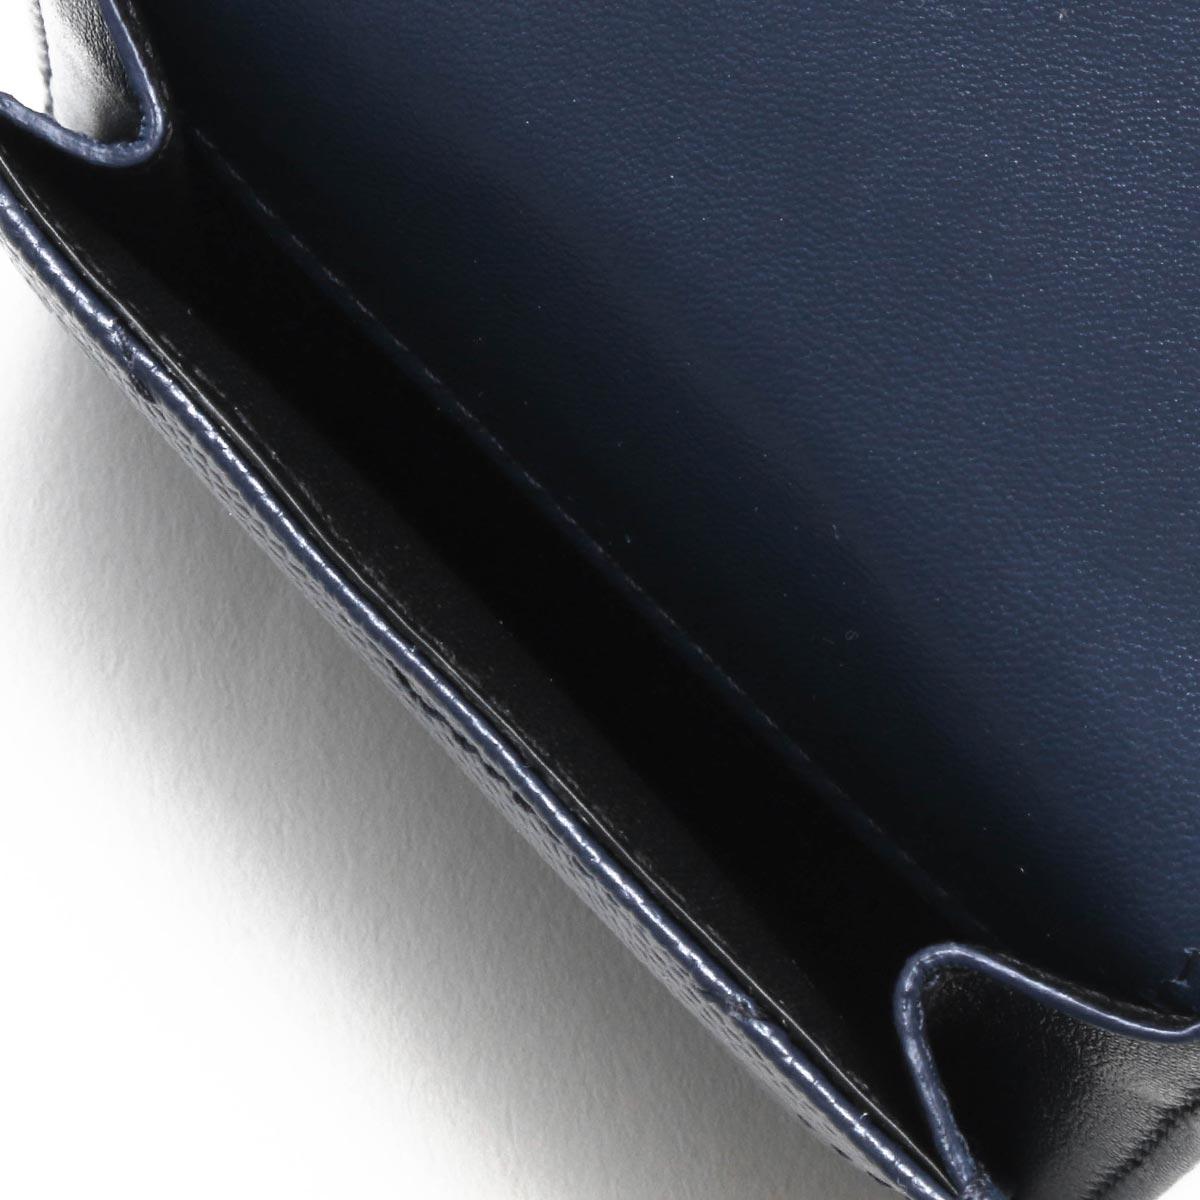 サンローランパリ イヴサンローラン 三つ折り財布/ミニ財布 財布 レディース モノグラム YSL デニムブリュットブルー 505118 BOWA1 4117 SAINT LAURENT PARIS